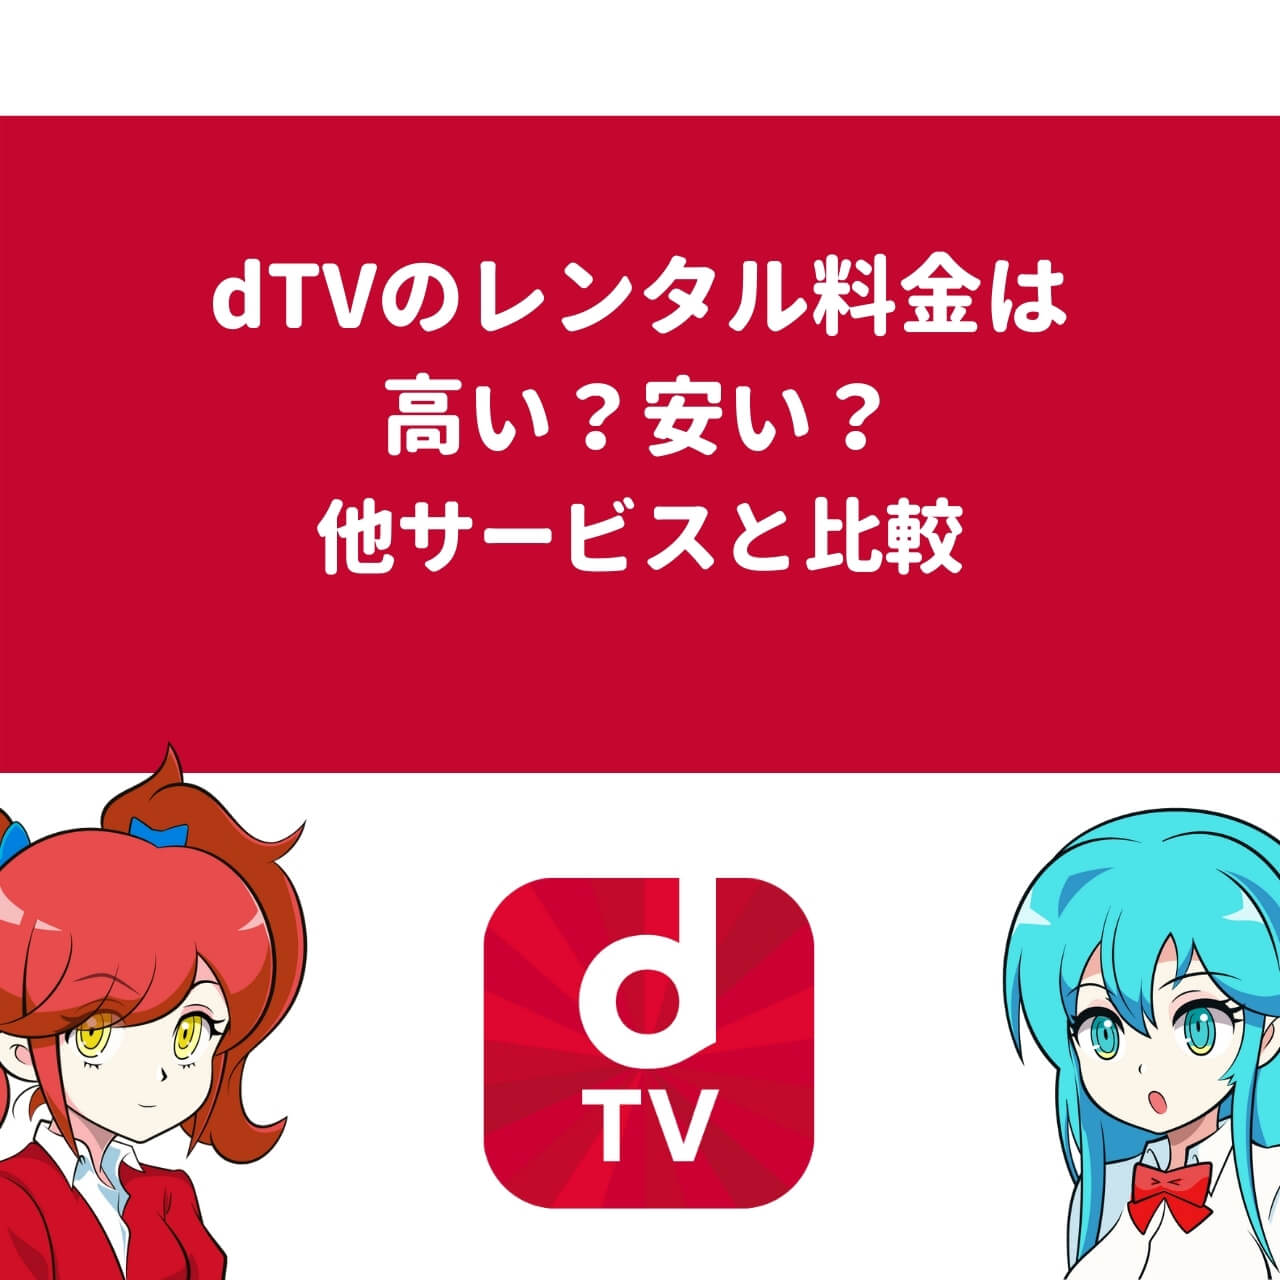 dTVのレンタル料金は高い?安い?他サービスと比較